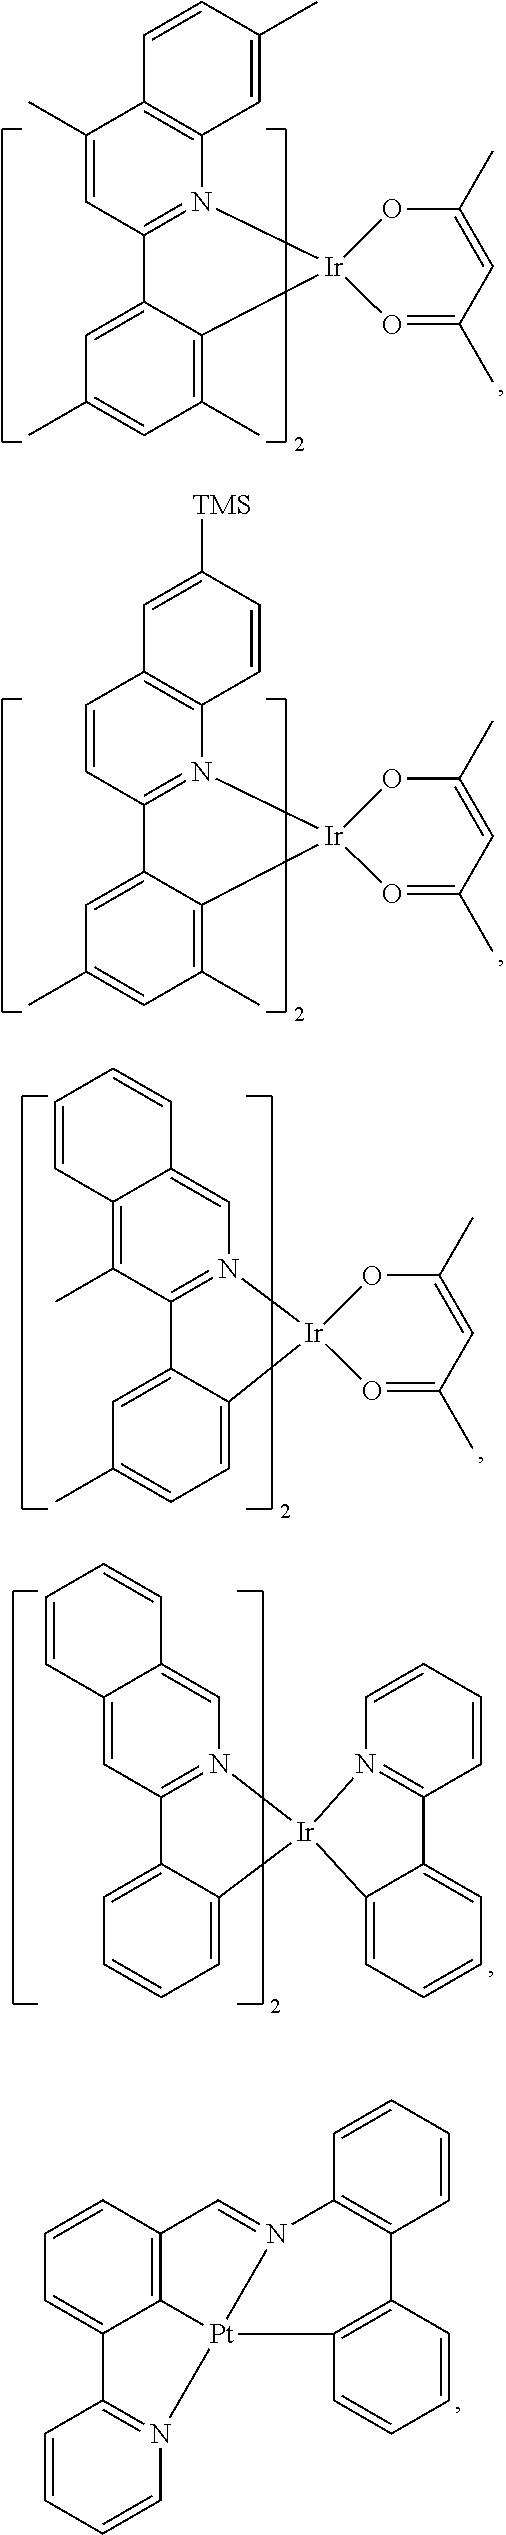 Figure US09929360-20180327-C00172